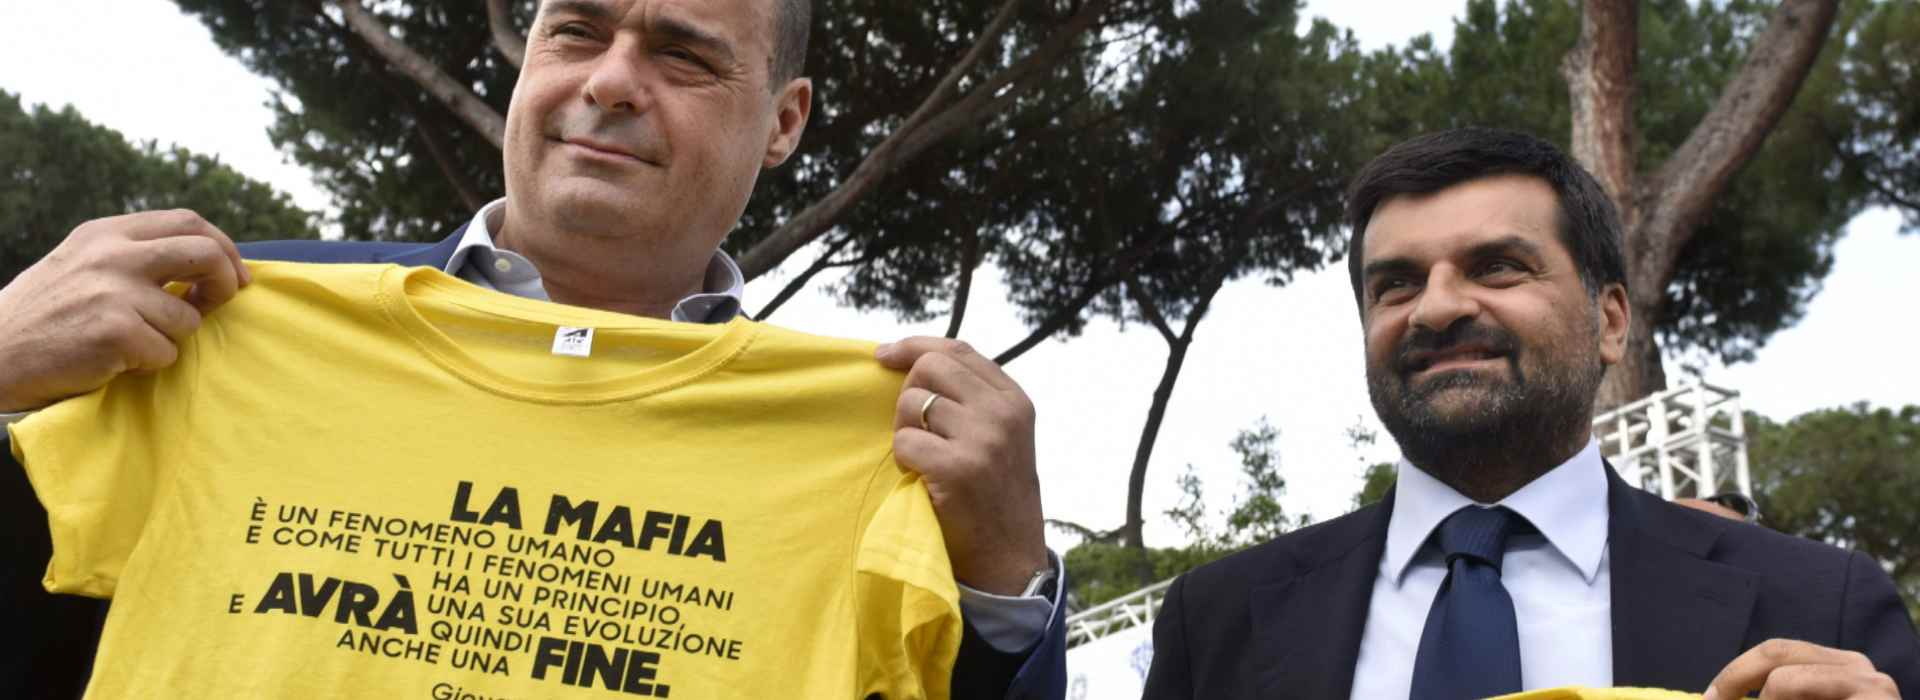 Alla corte di Palamara anche Zingaretti e Minniti. Il pm con l'incarico alla controllata della Regione Lazio con la moglie dirigente